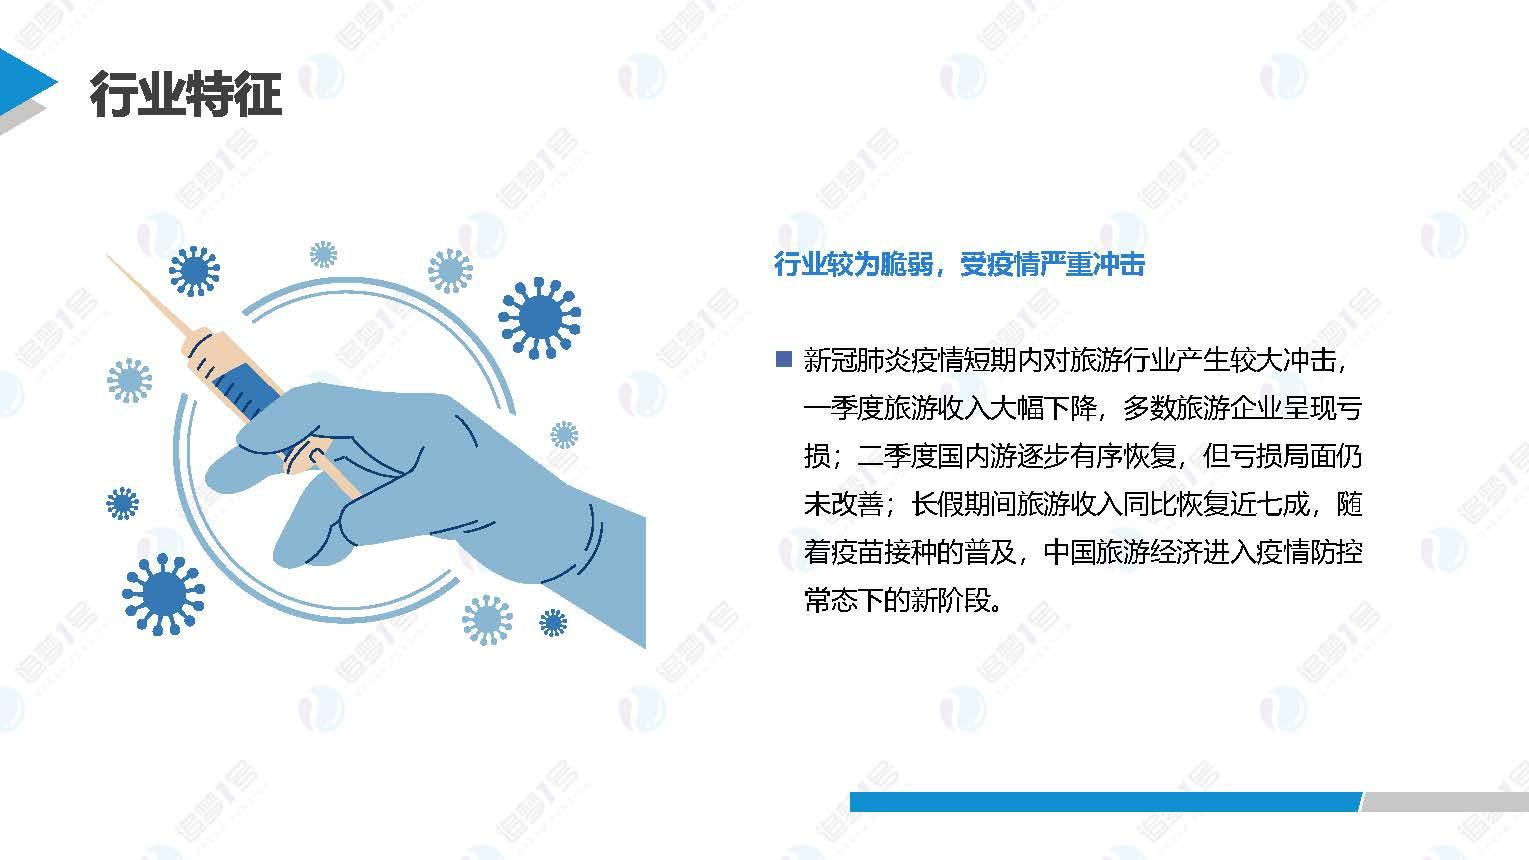 中国旅游行业研究 _页面_05.jpg